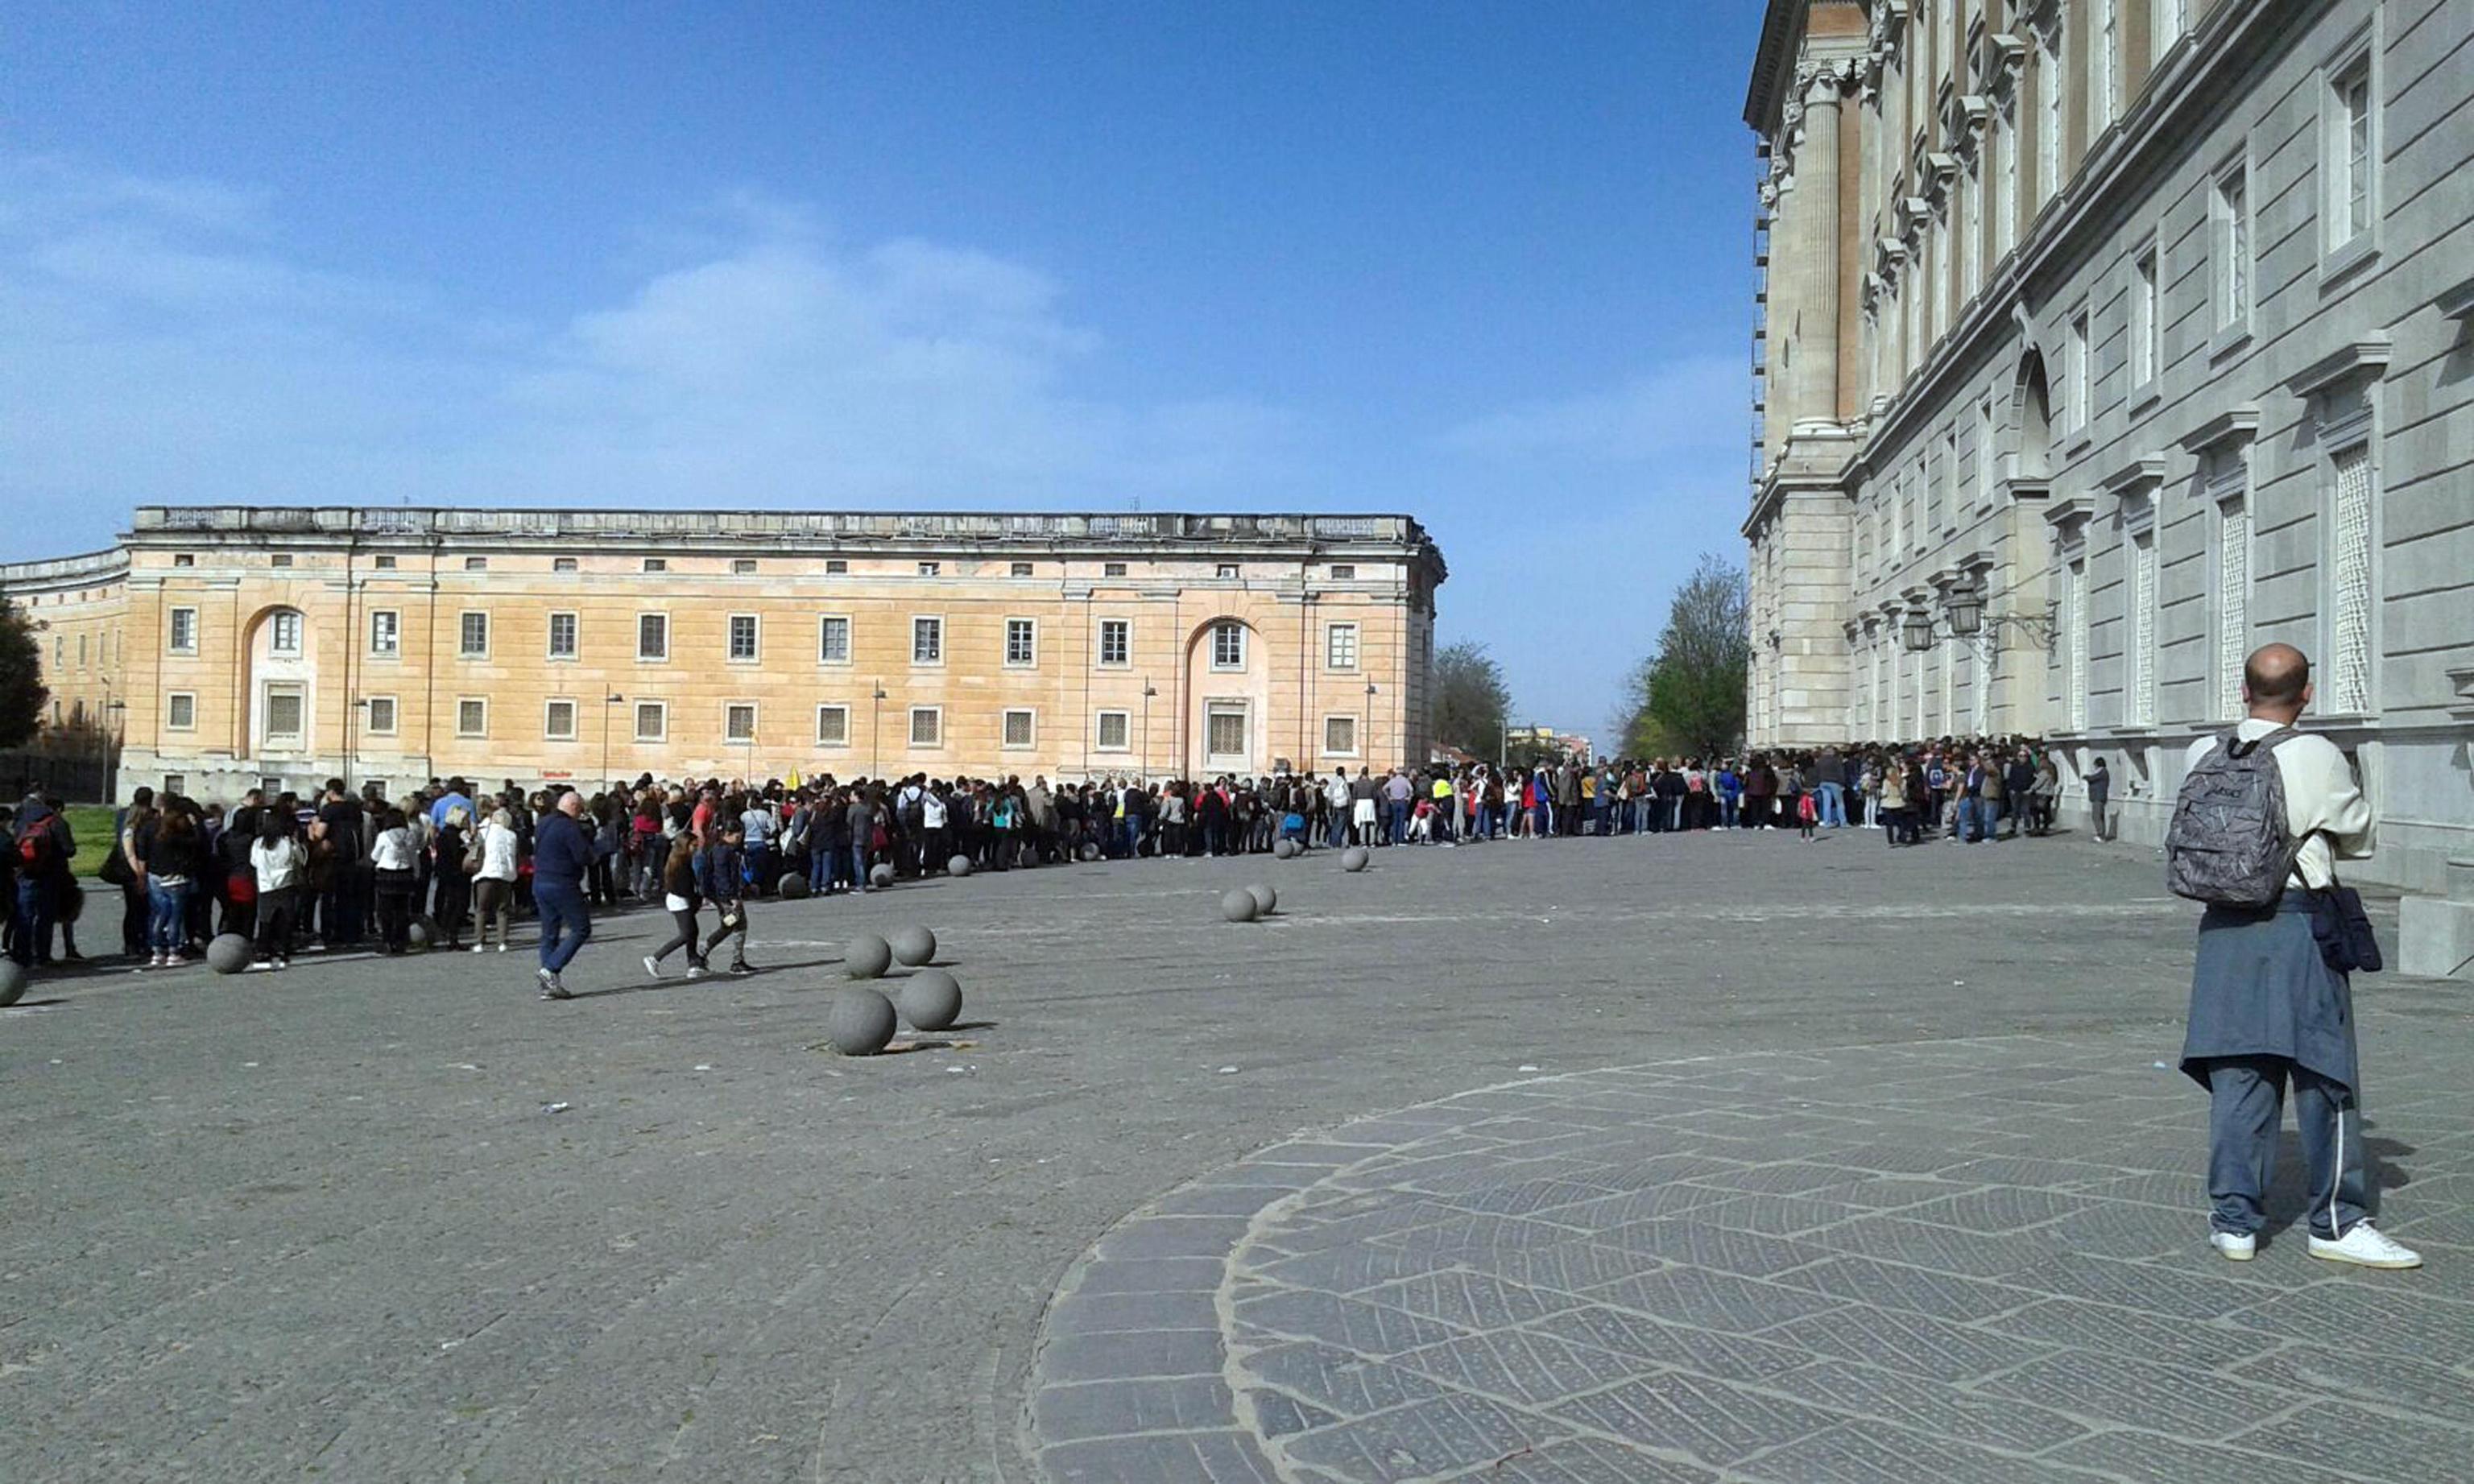 Affittopoli nella reggia di caserta alloggi regalati a 3 euro al mese secolo d 39 italia - Calendario diva futura ...